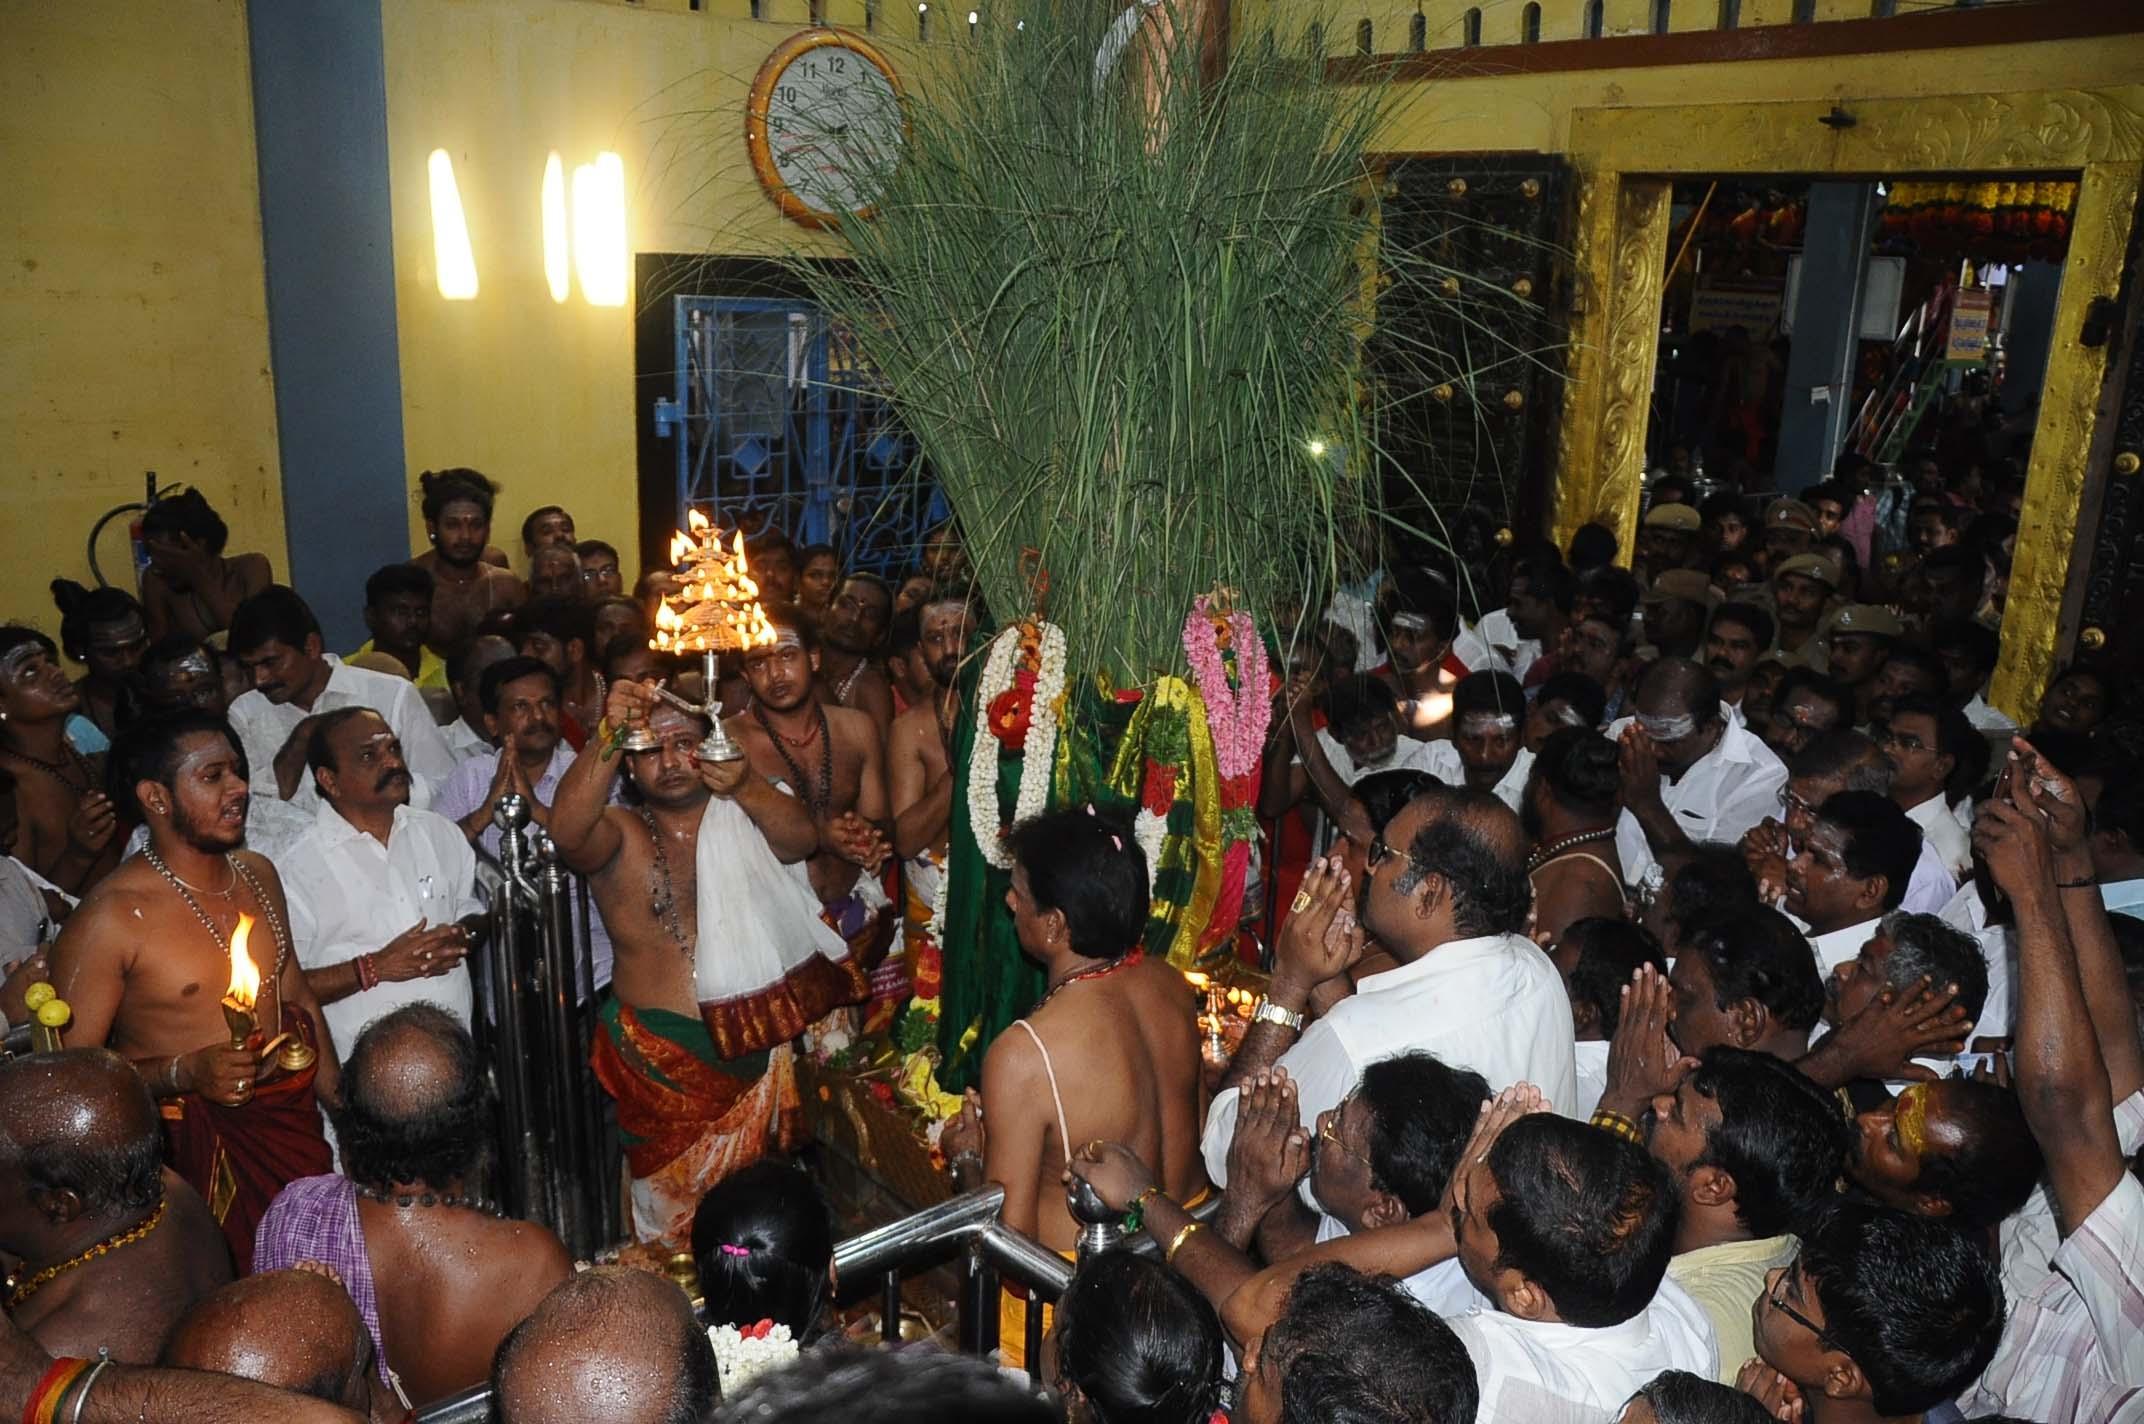 கொடியேற்றத்துடன் தொடங்கியது குலசை தசரா விழா